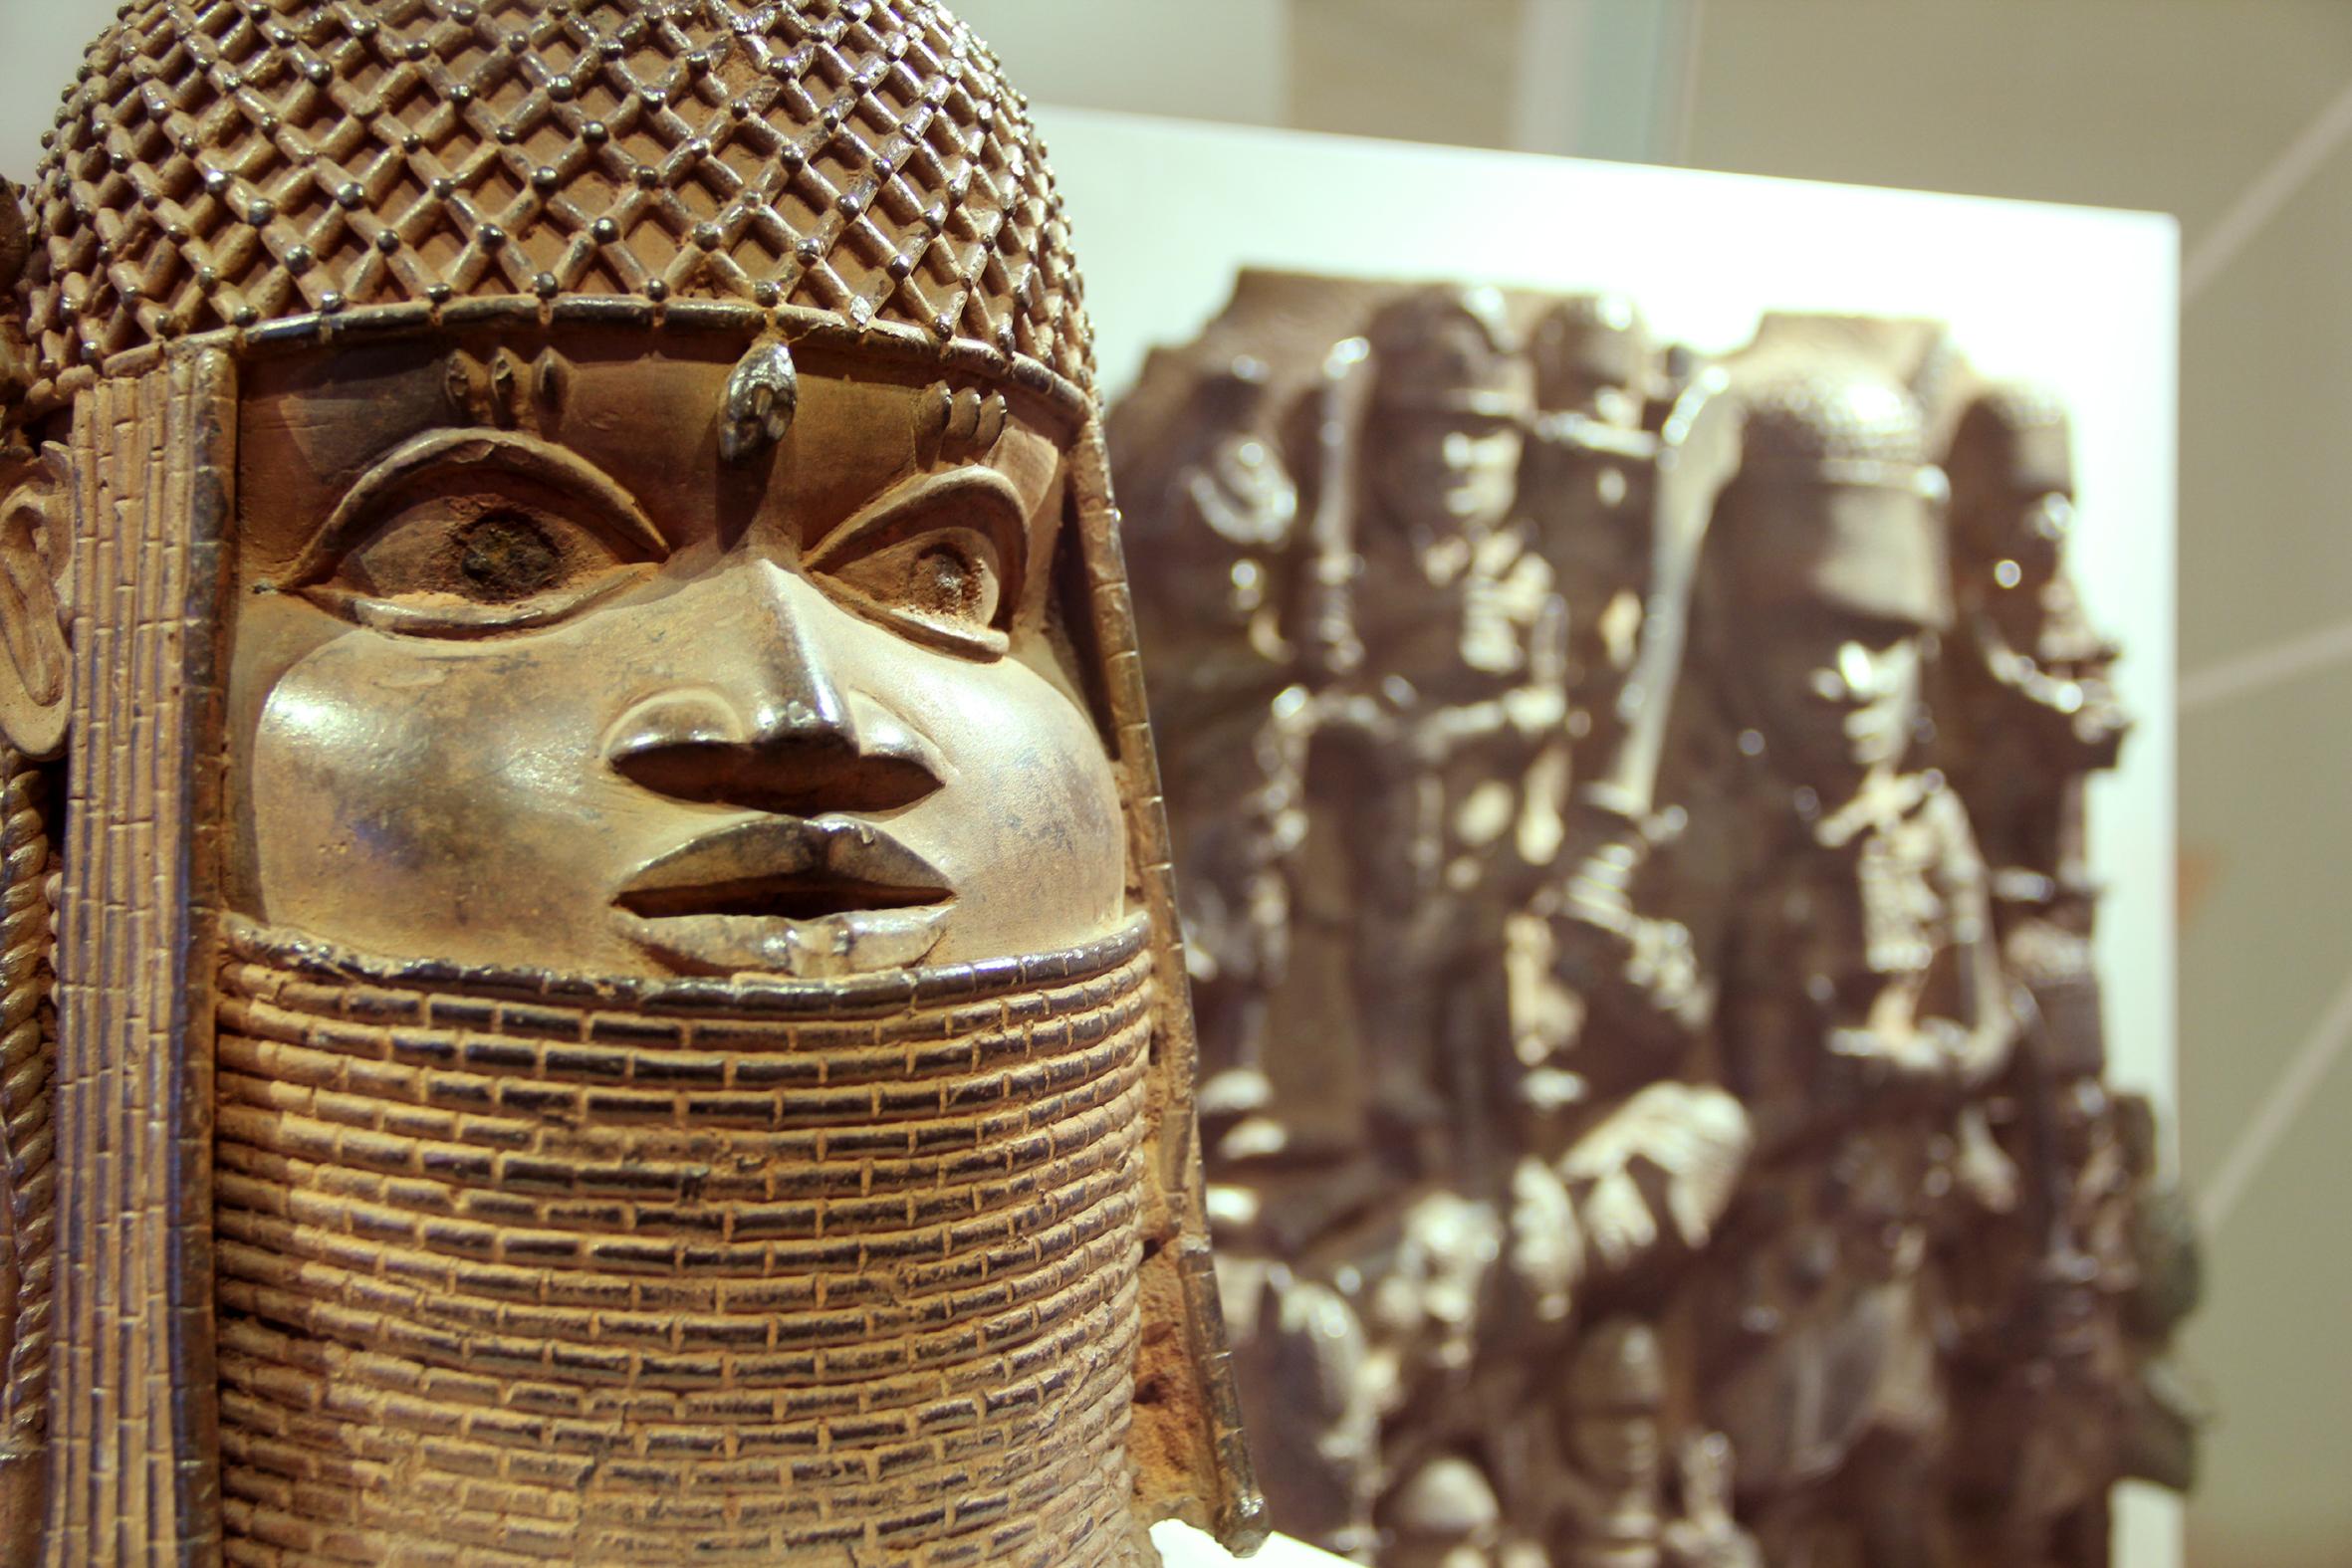 Raubkunst? Die Bronzen aus Benin in Hamburg, Ausstellung, 09.06.2018, Museum für Kunst und Gewerbe - Copyright Michaela Hille